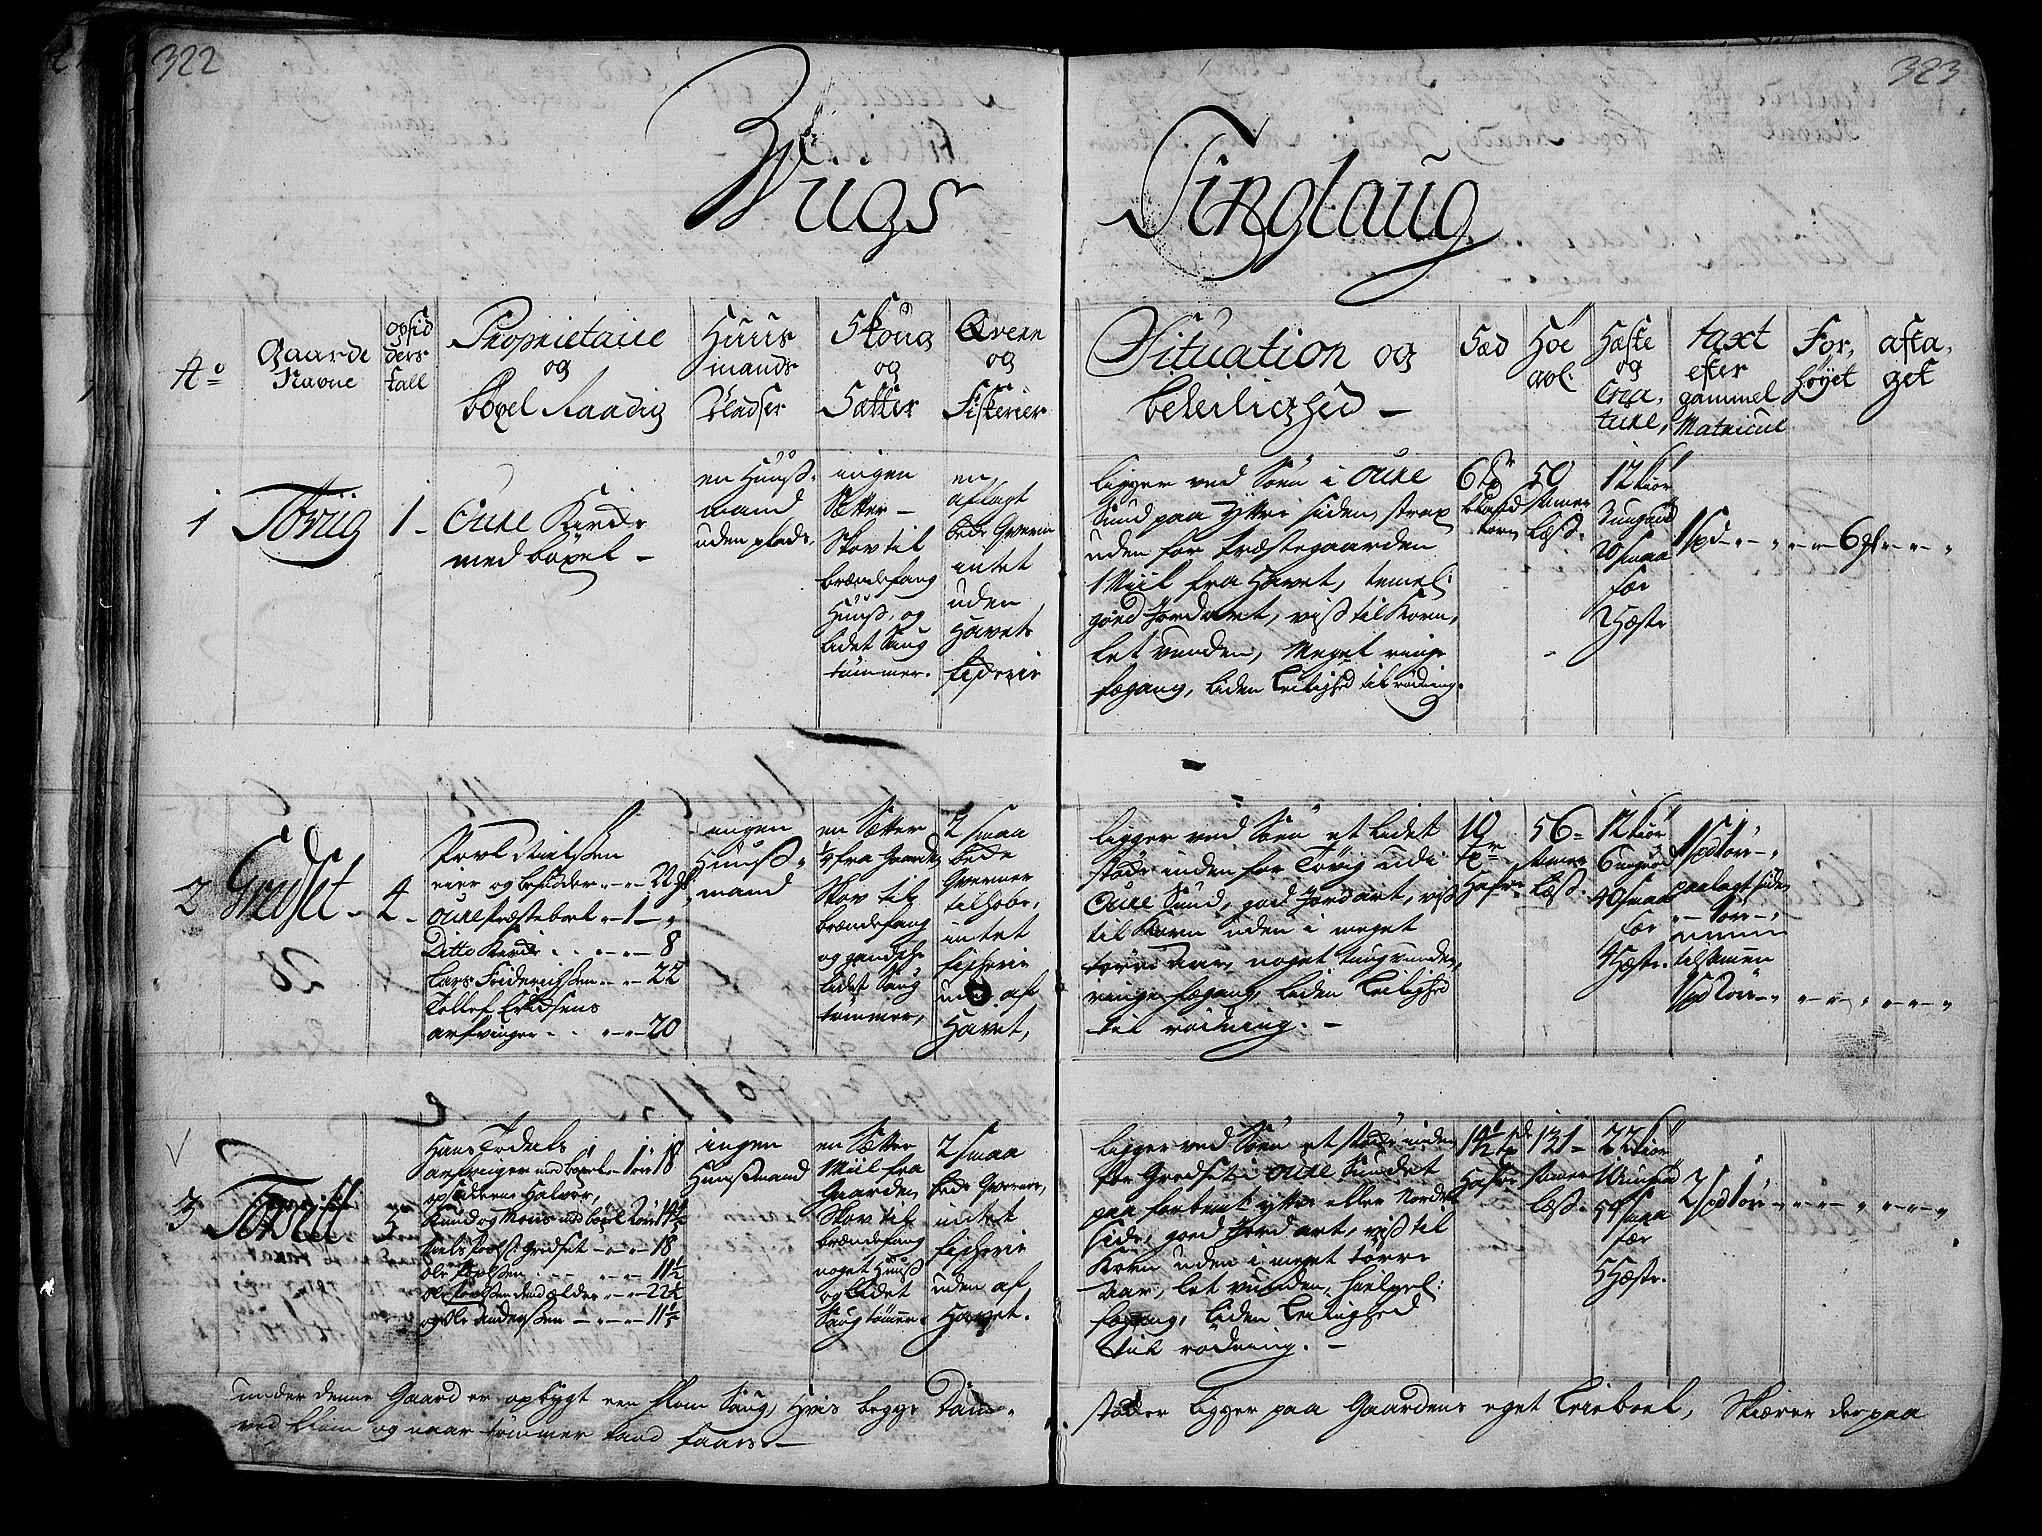 RA, Rentekammeret inntil 1814, Realistisk ordnet avdeling, N/Nb/Nbf/L0154: Nordmøre eksaminasjonsprotokoll, 1721-1723, s. 322-323